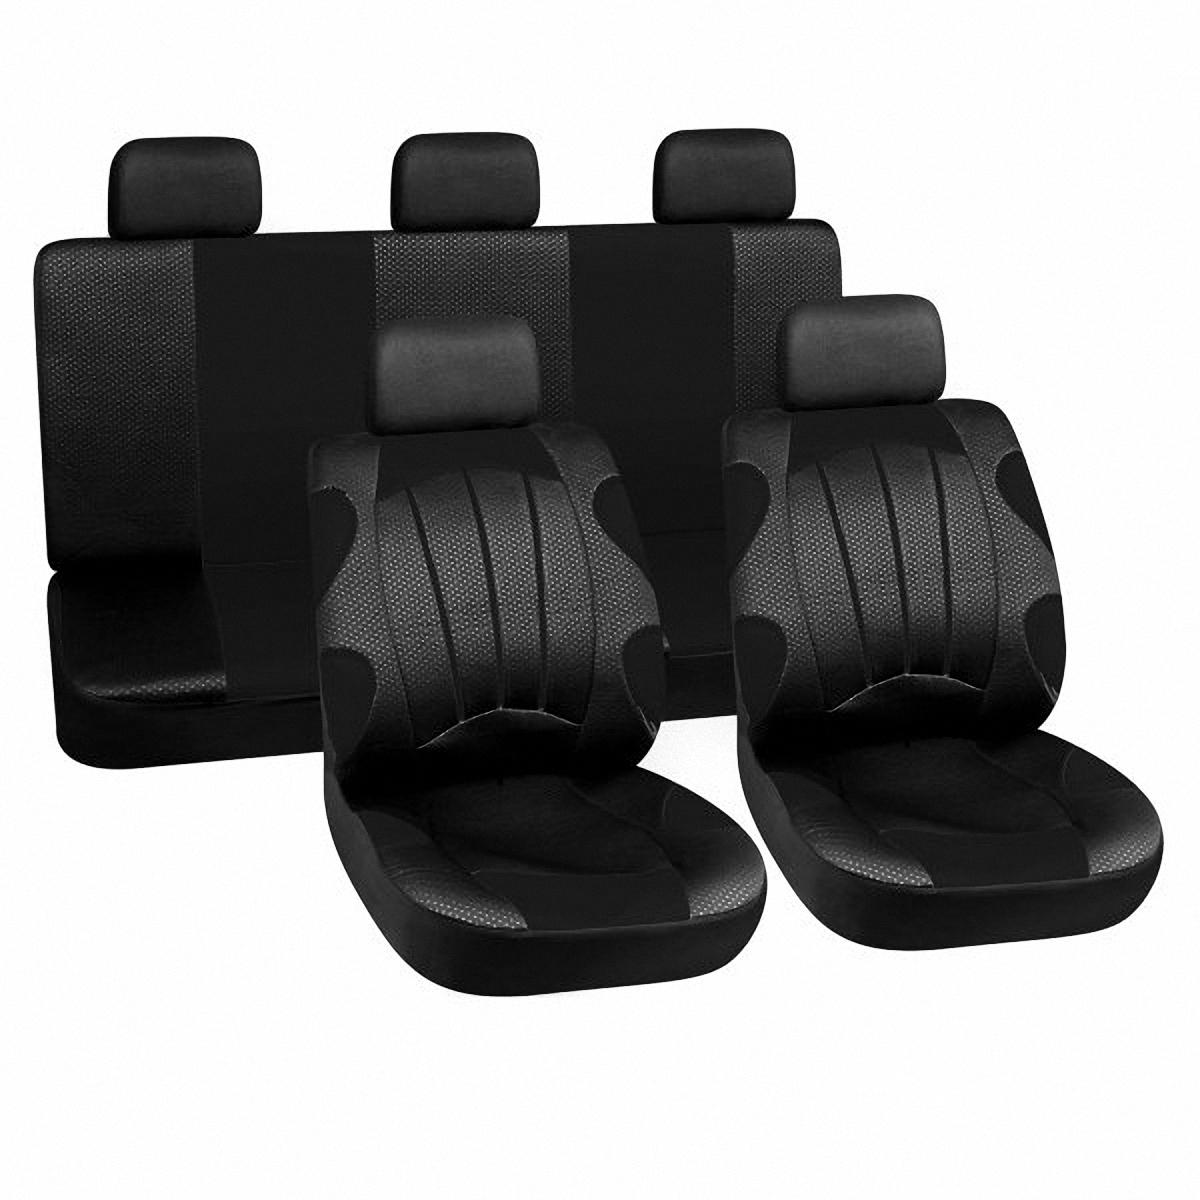 Чехлы автомобильные Skyway. LUX-28701 BKLUX-28701 BKВам не хватает уюта и комфорта в салоне? Самый лучший способ изменить это – одеть ваши сидения в чехлы SKYWAY. Изготовленные из полиэстера они защитят ваш салон от износа и повреждений. Более плотный поролон позволяет чехлам полностью прилегать к сидению автомобиля и меньше растягиваться в процессе использования. Ткань чехлов на сиденья SKYWAY не вытягивается, не истирается, великолепно сохраняет форму, устойчива к световому и тепловому воздействию, а ровные, крепкие швы не разойдутся даже при сильном натяжении.